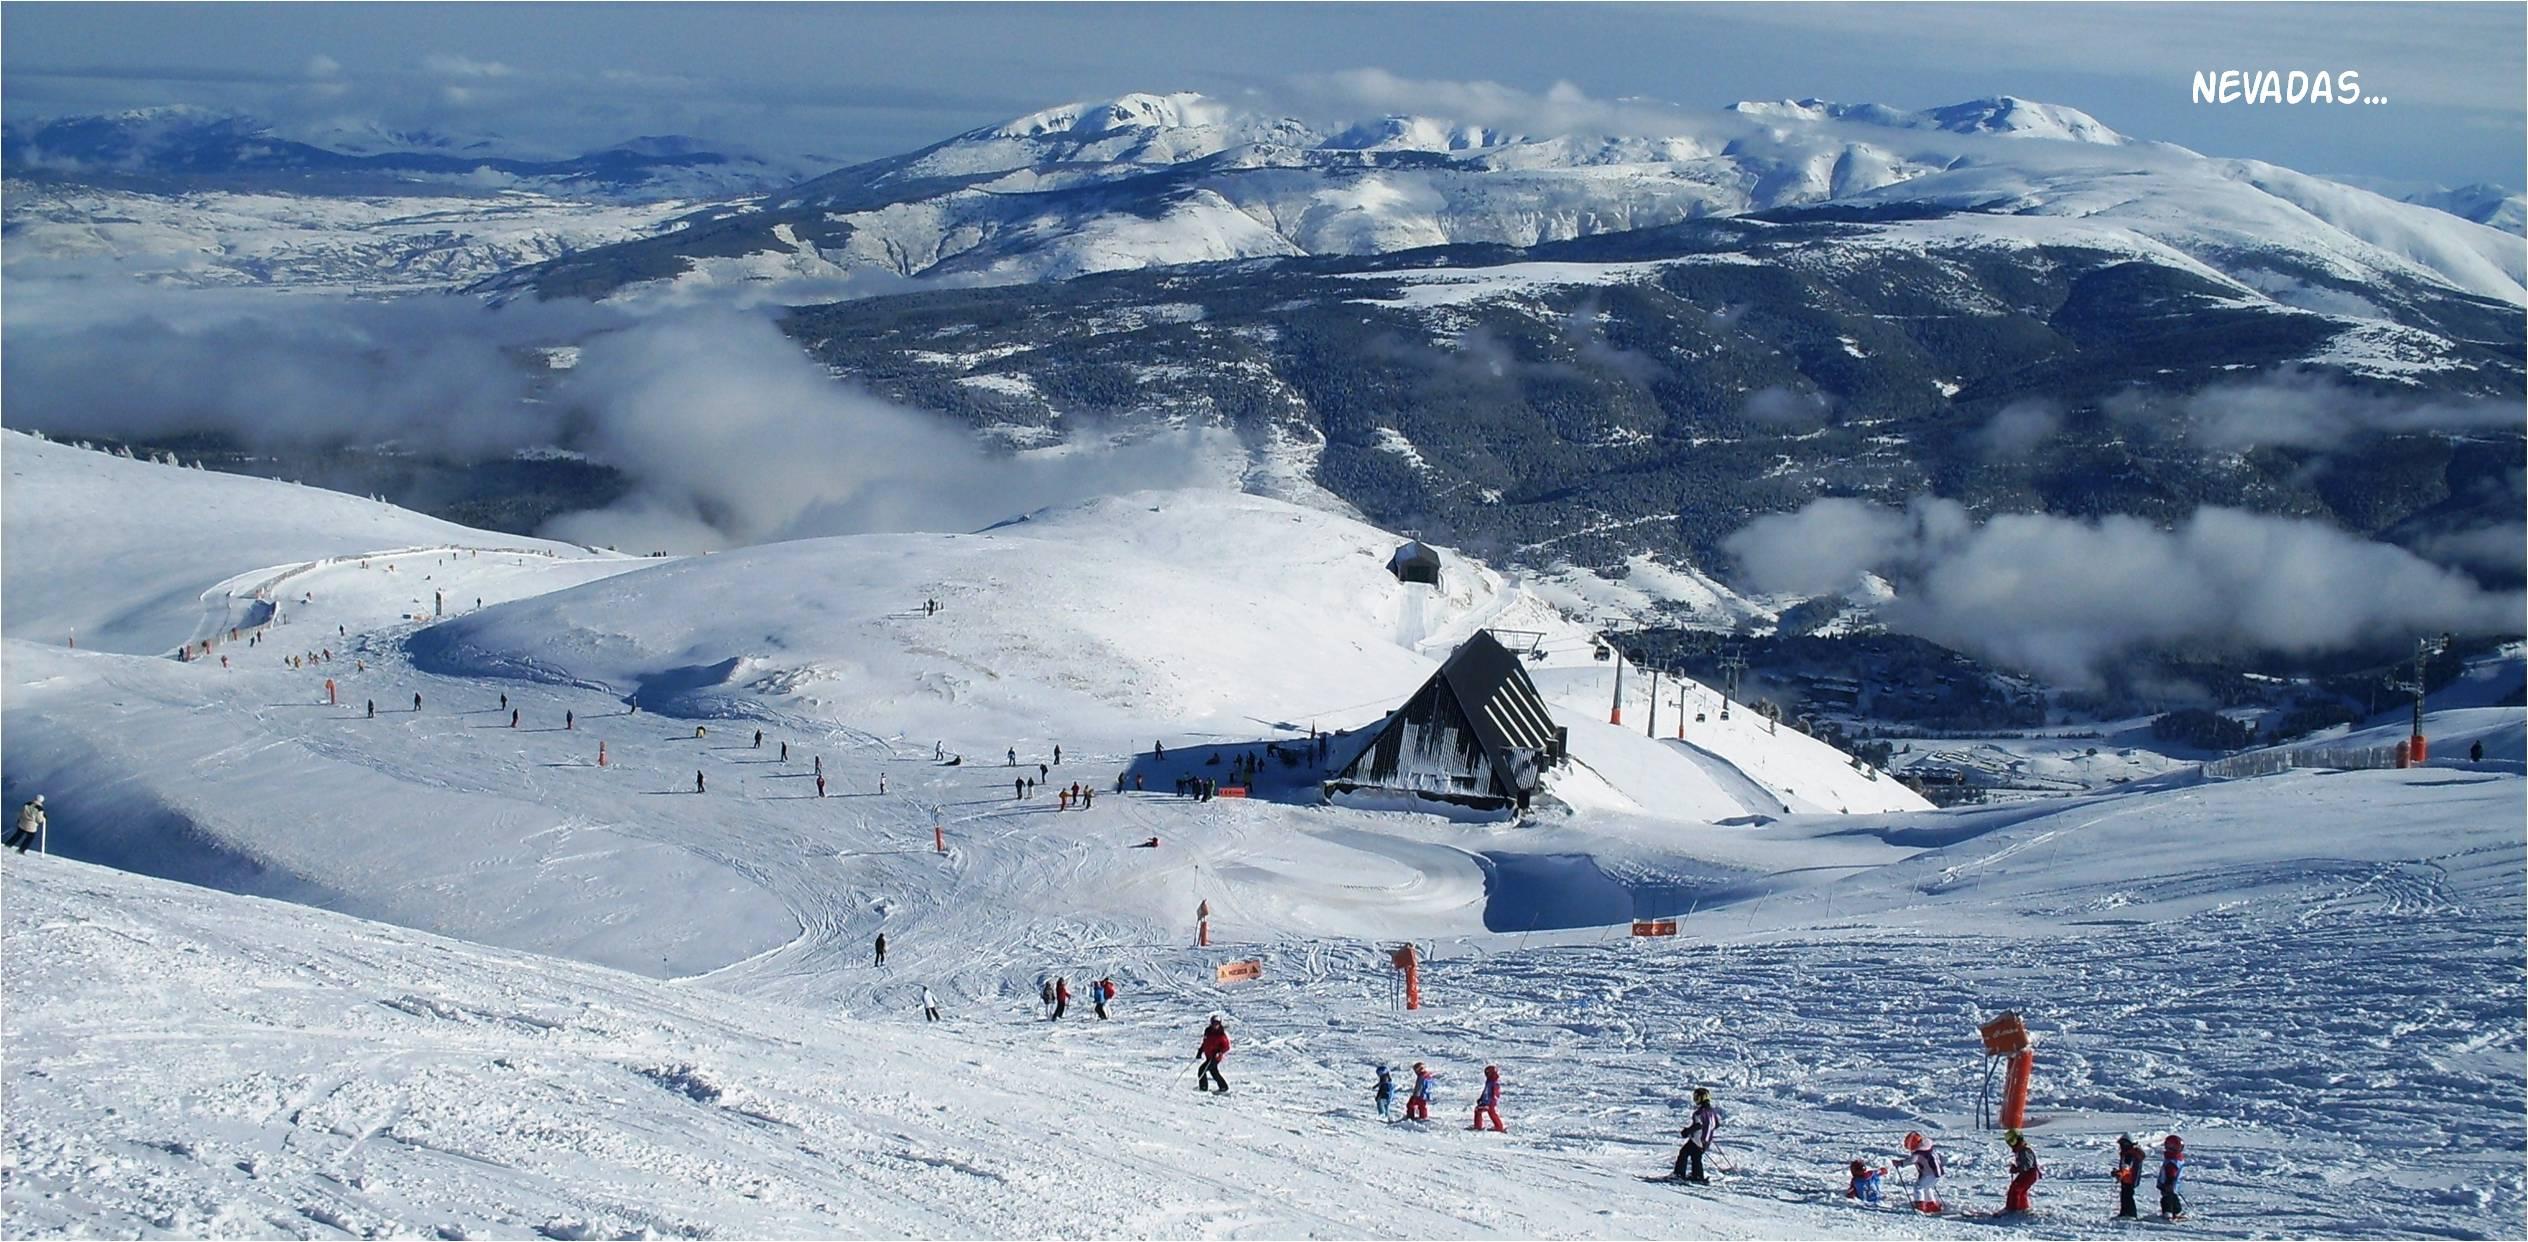 Cataluña, Pirineo, nieve, esquí, temporada 2013 2014, estaciones de esqui, noticias